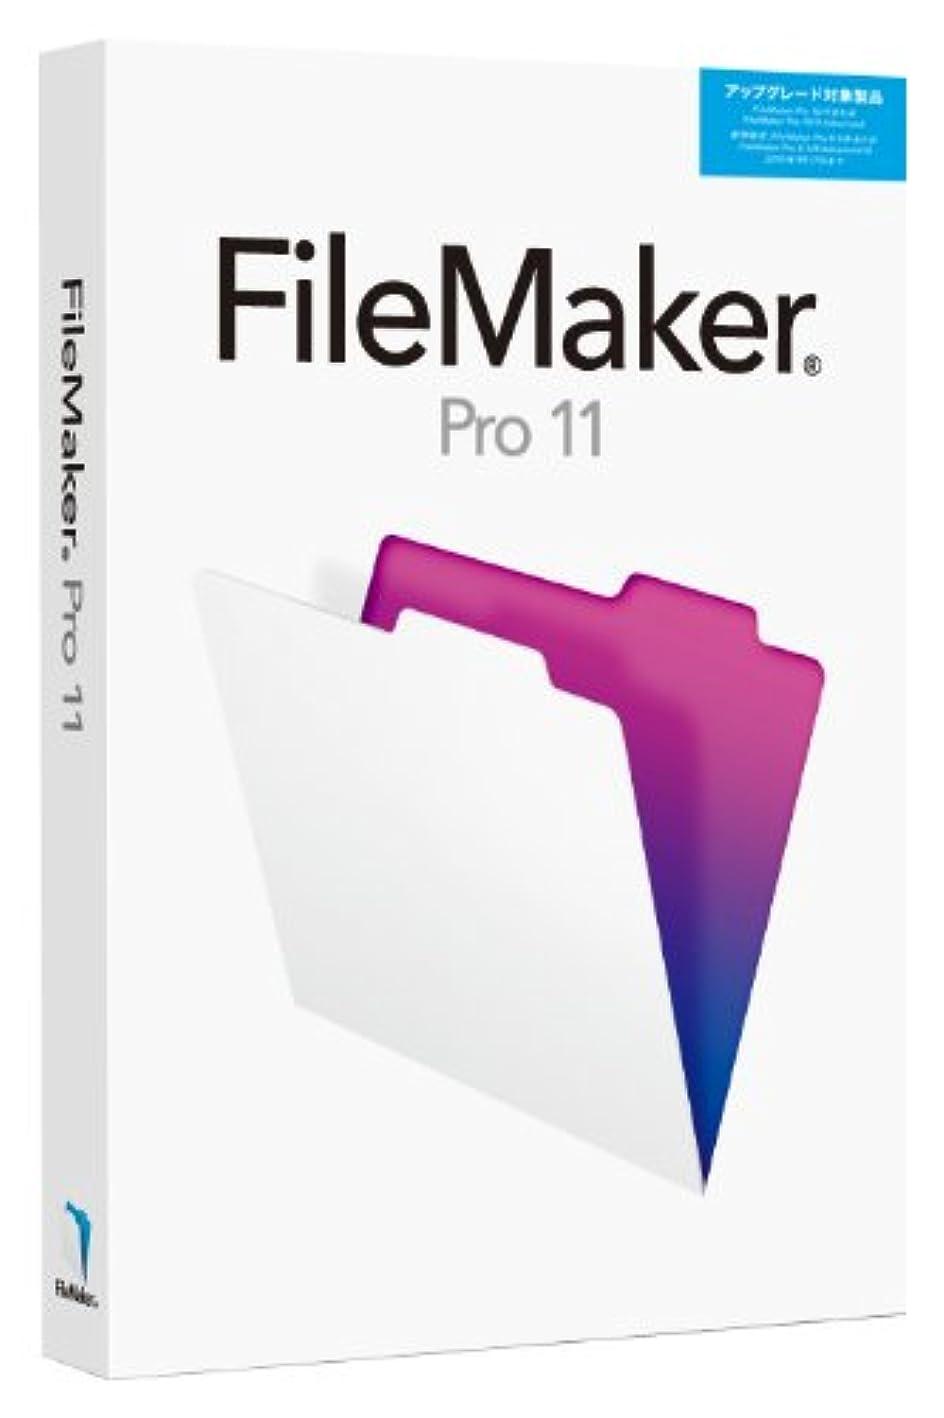 起きて自然ウィザードFileMaker Pro 11 アップグレード パッケージ